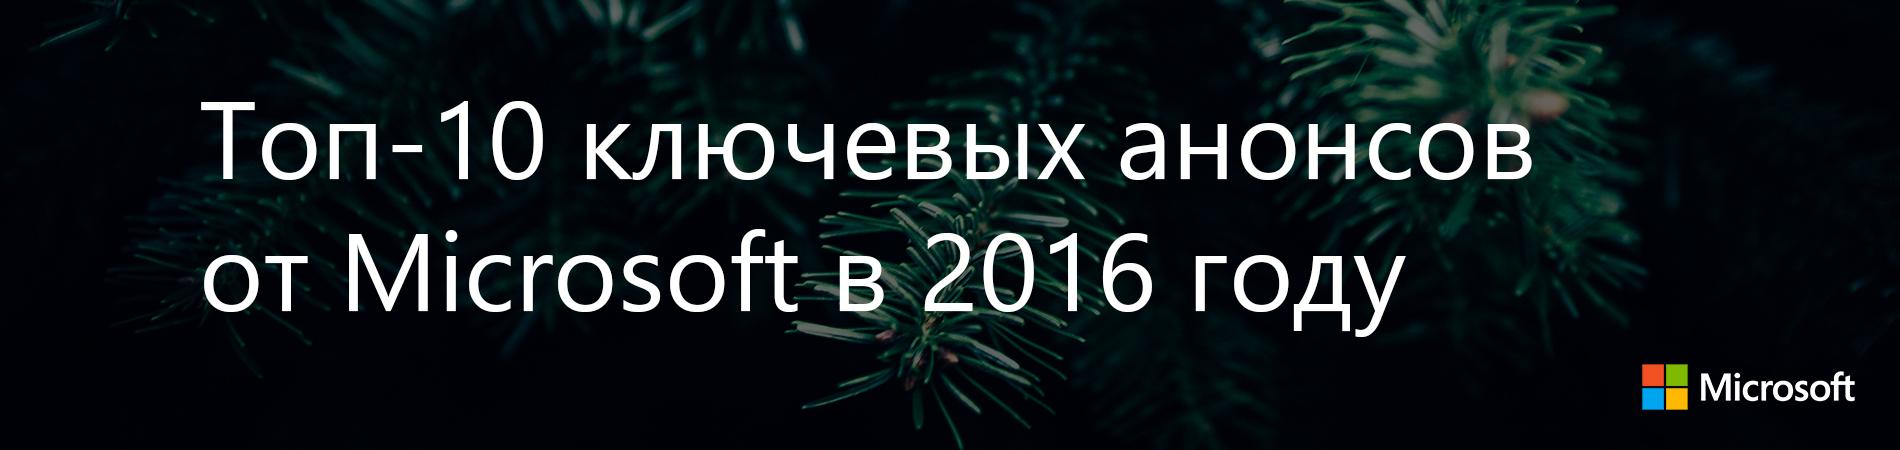 Топ-10 ключевых анонсов от Microsoft в 2016 году